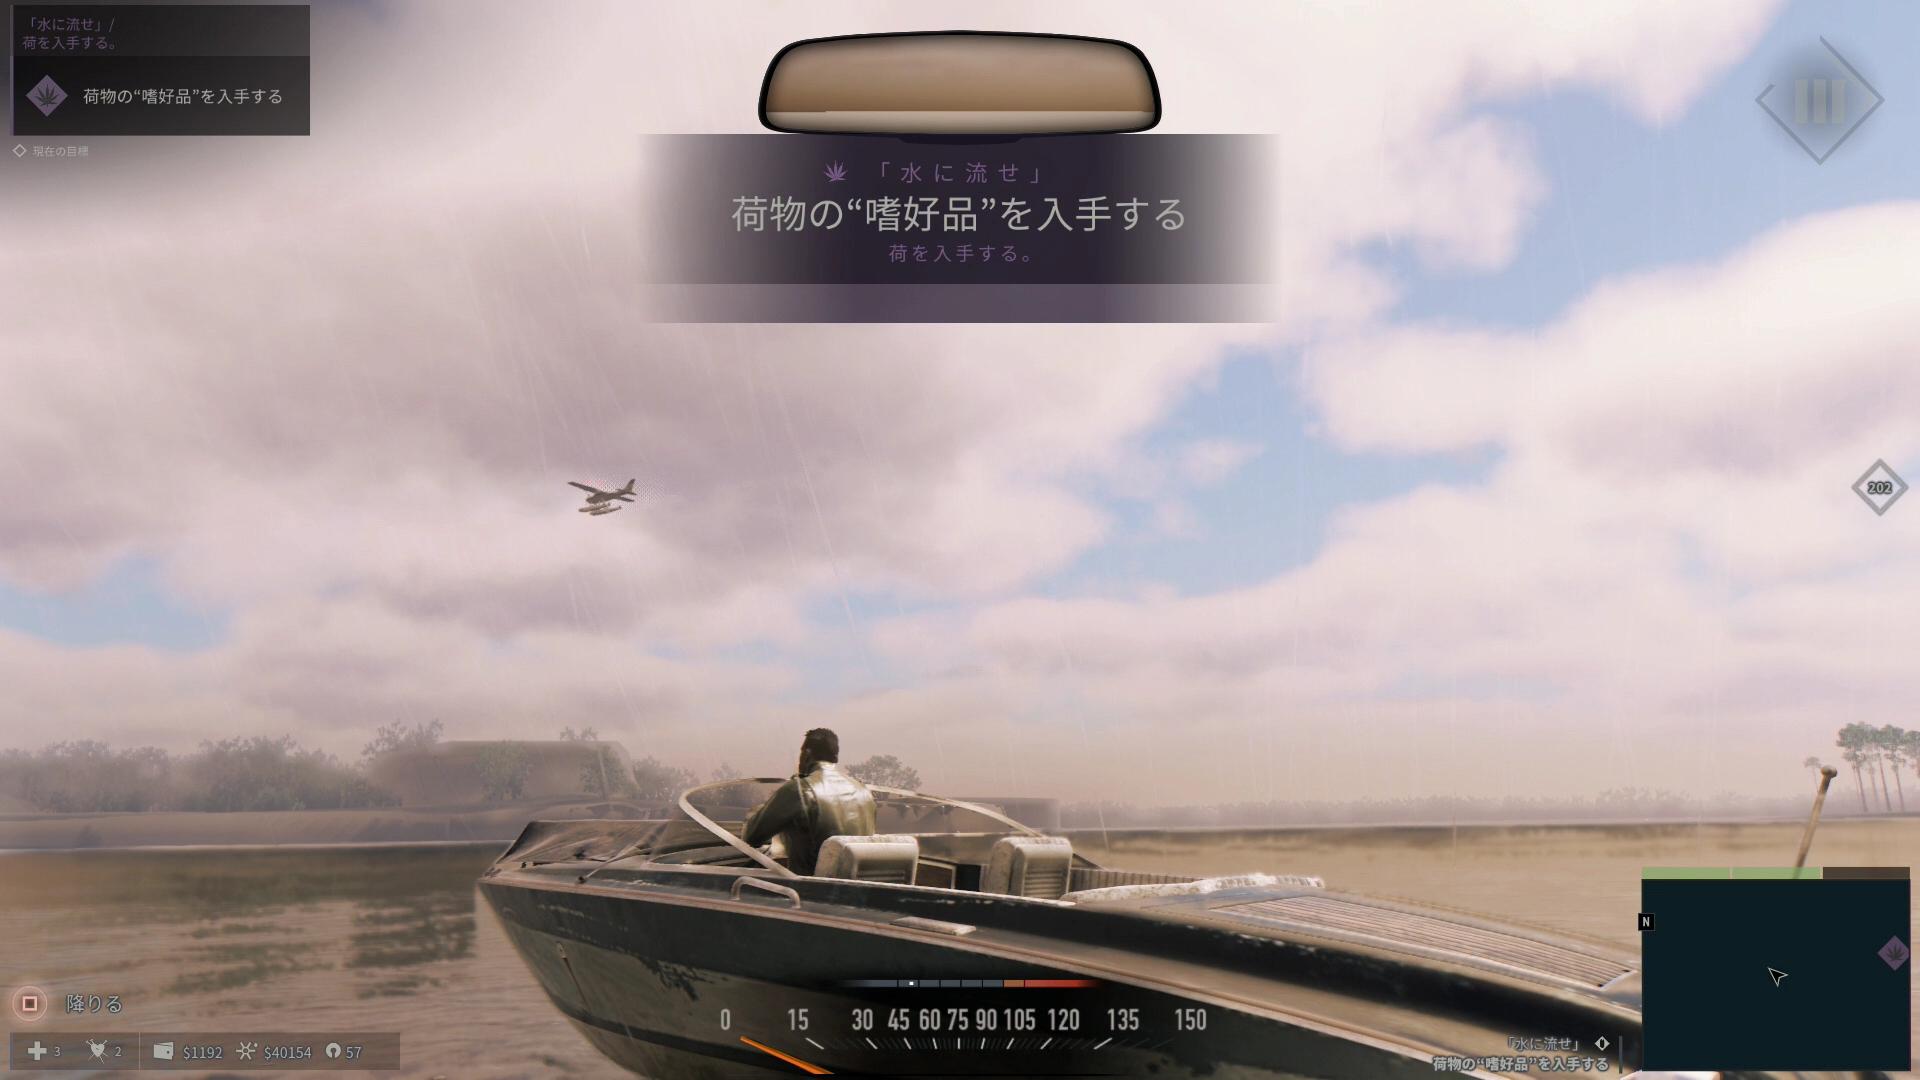 エマニュエルのサブミッション。お目当ての「嗜好品」は最初からボートに積んである場合もあれば、空輸して川に投下されたブツを回収する場合もある